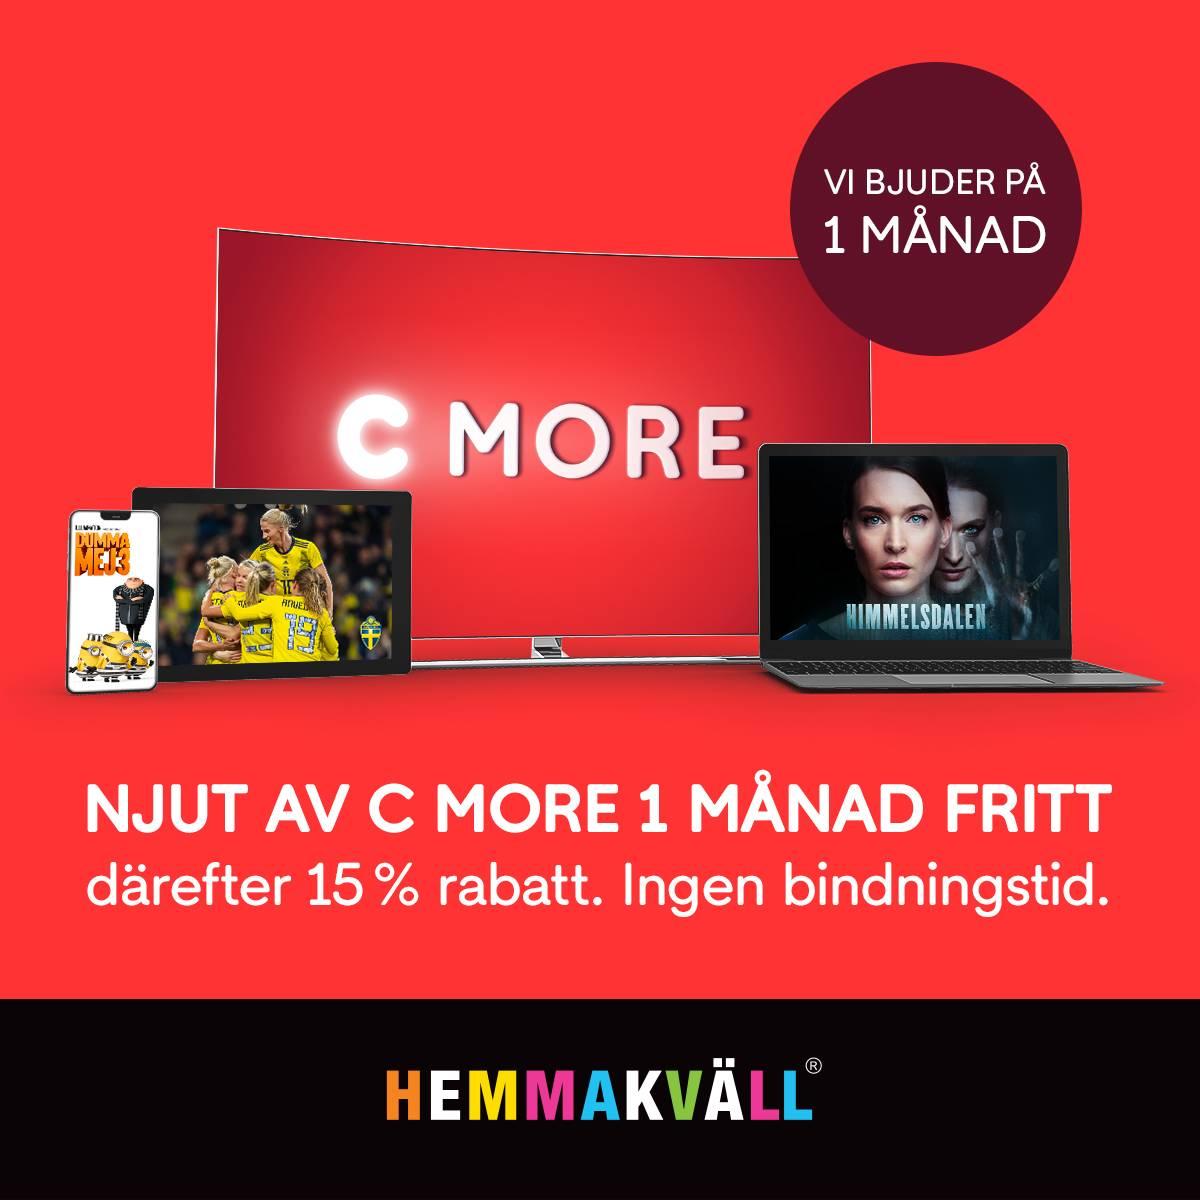 Cmore-eNews-1200x1200-190613-2[30373]